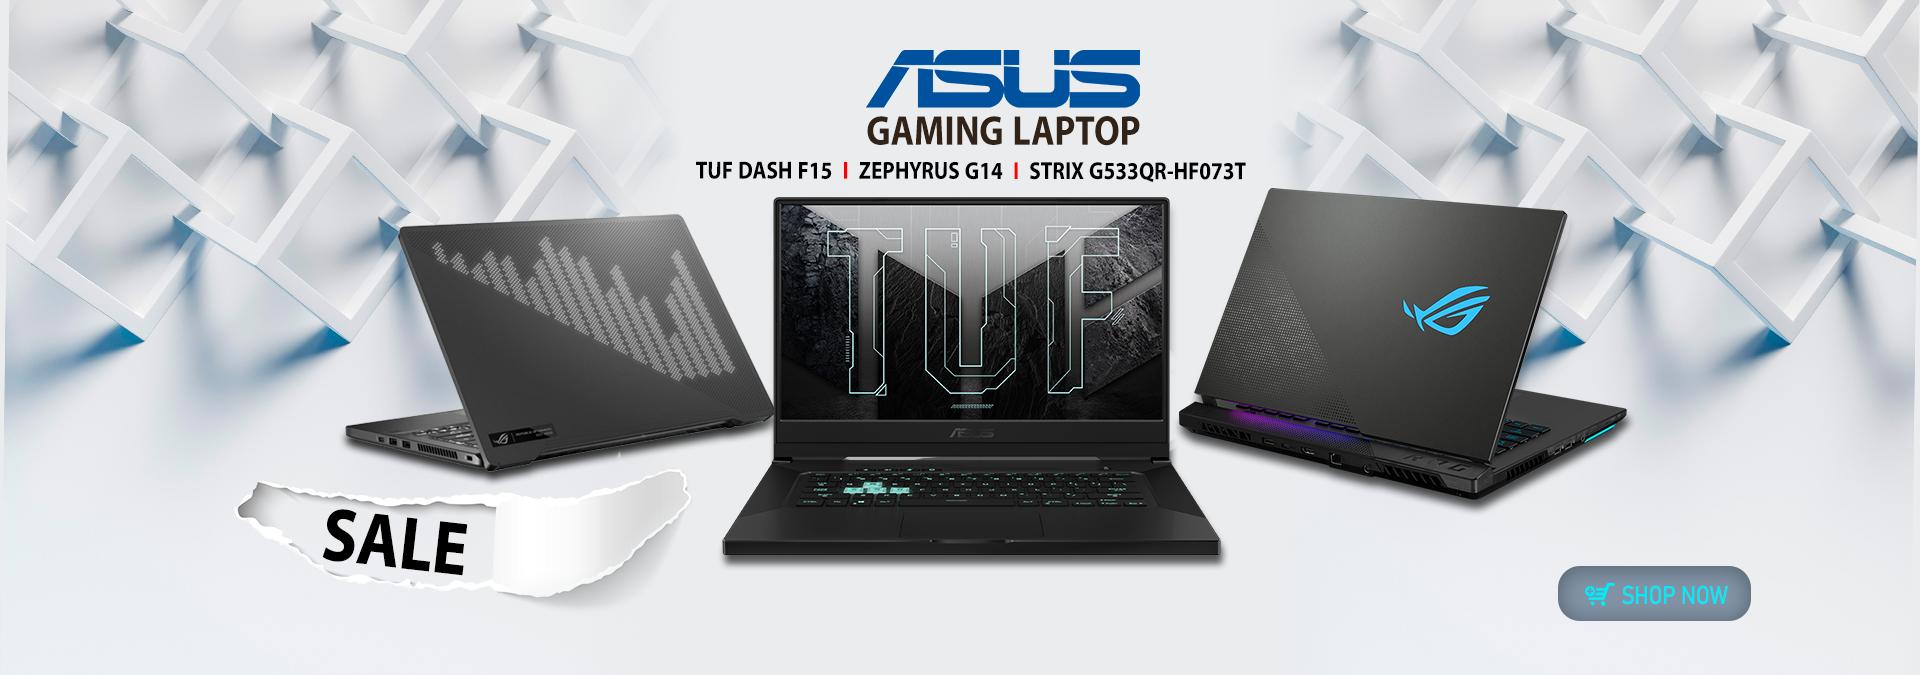 Asus Laptop Sal Banner